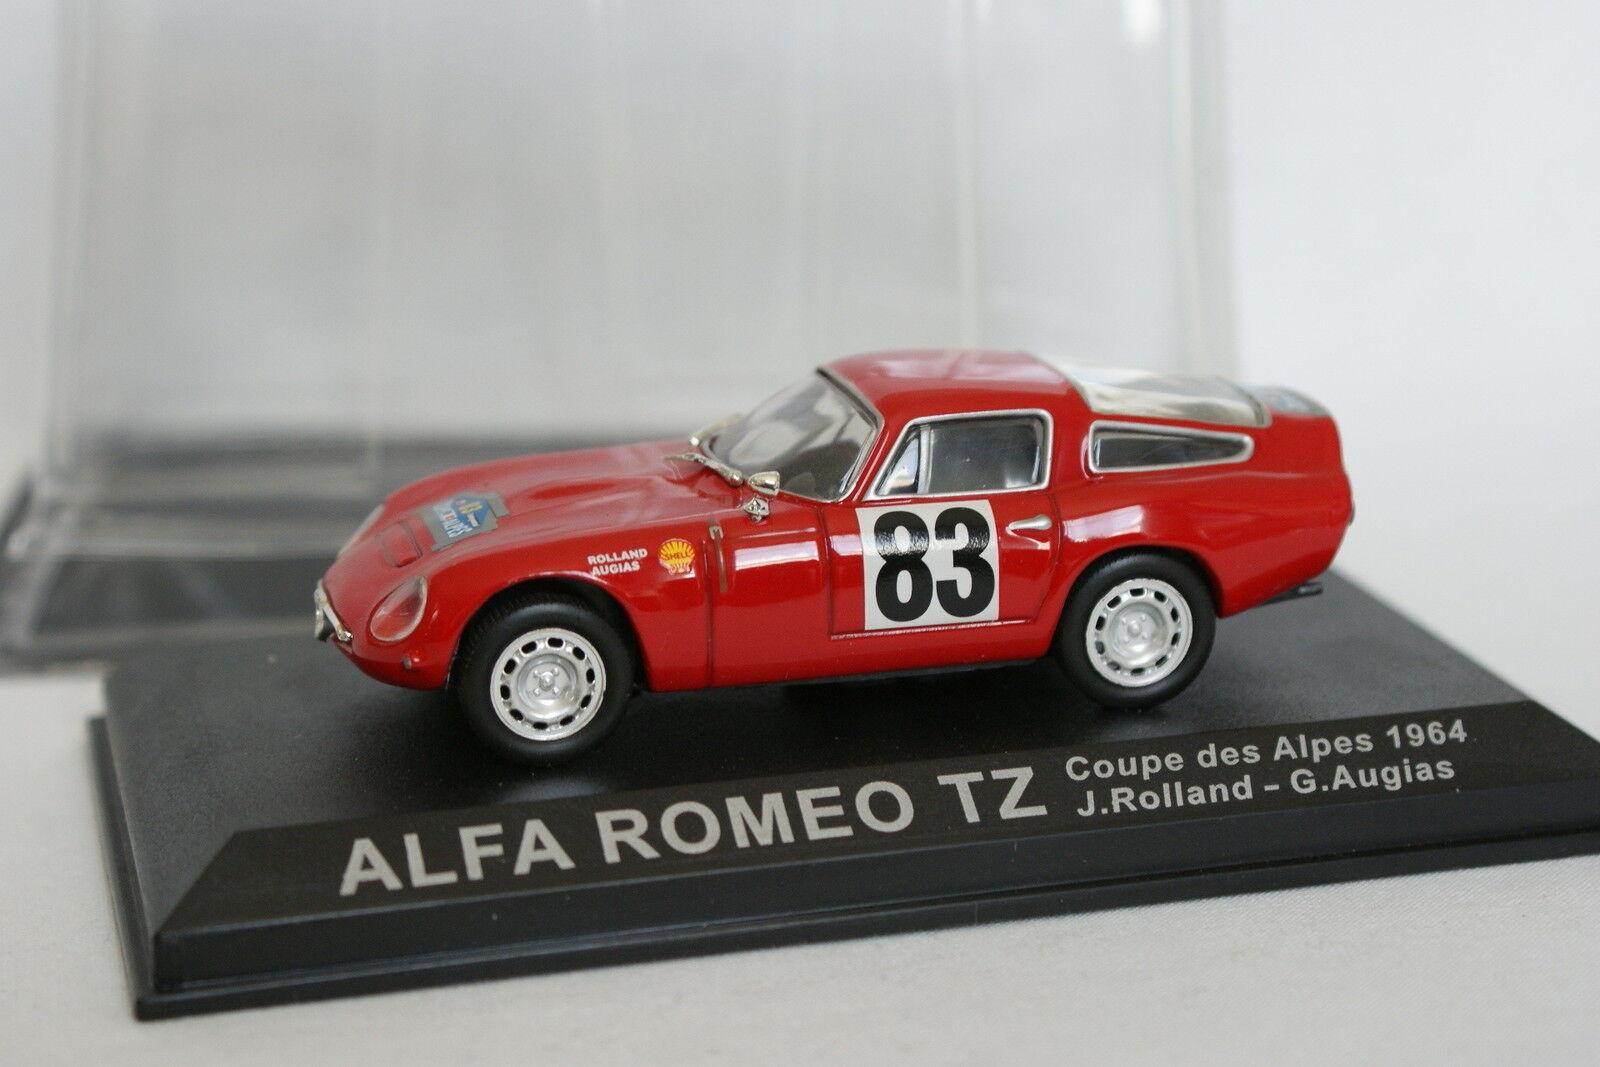 Ixo Press Rally 1 43 - Alfa Romeo TZ Cup of Alpes 1964